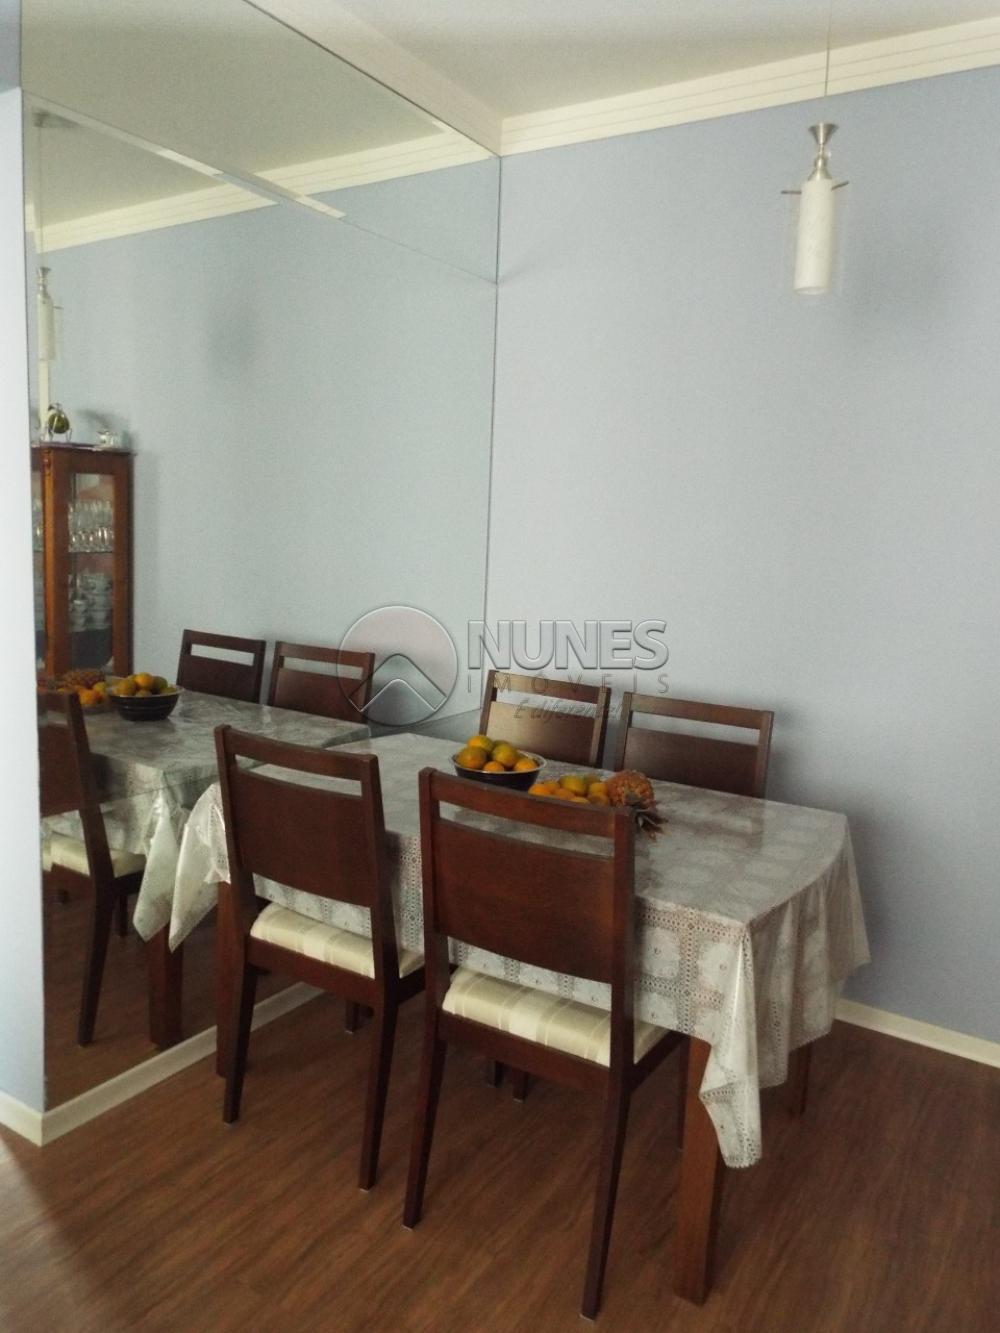 Comprar Apartamento / Padrão em Barueri apenas R$ 275.000,00 - Foto 6